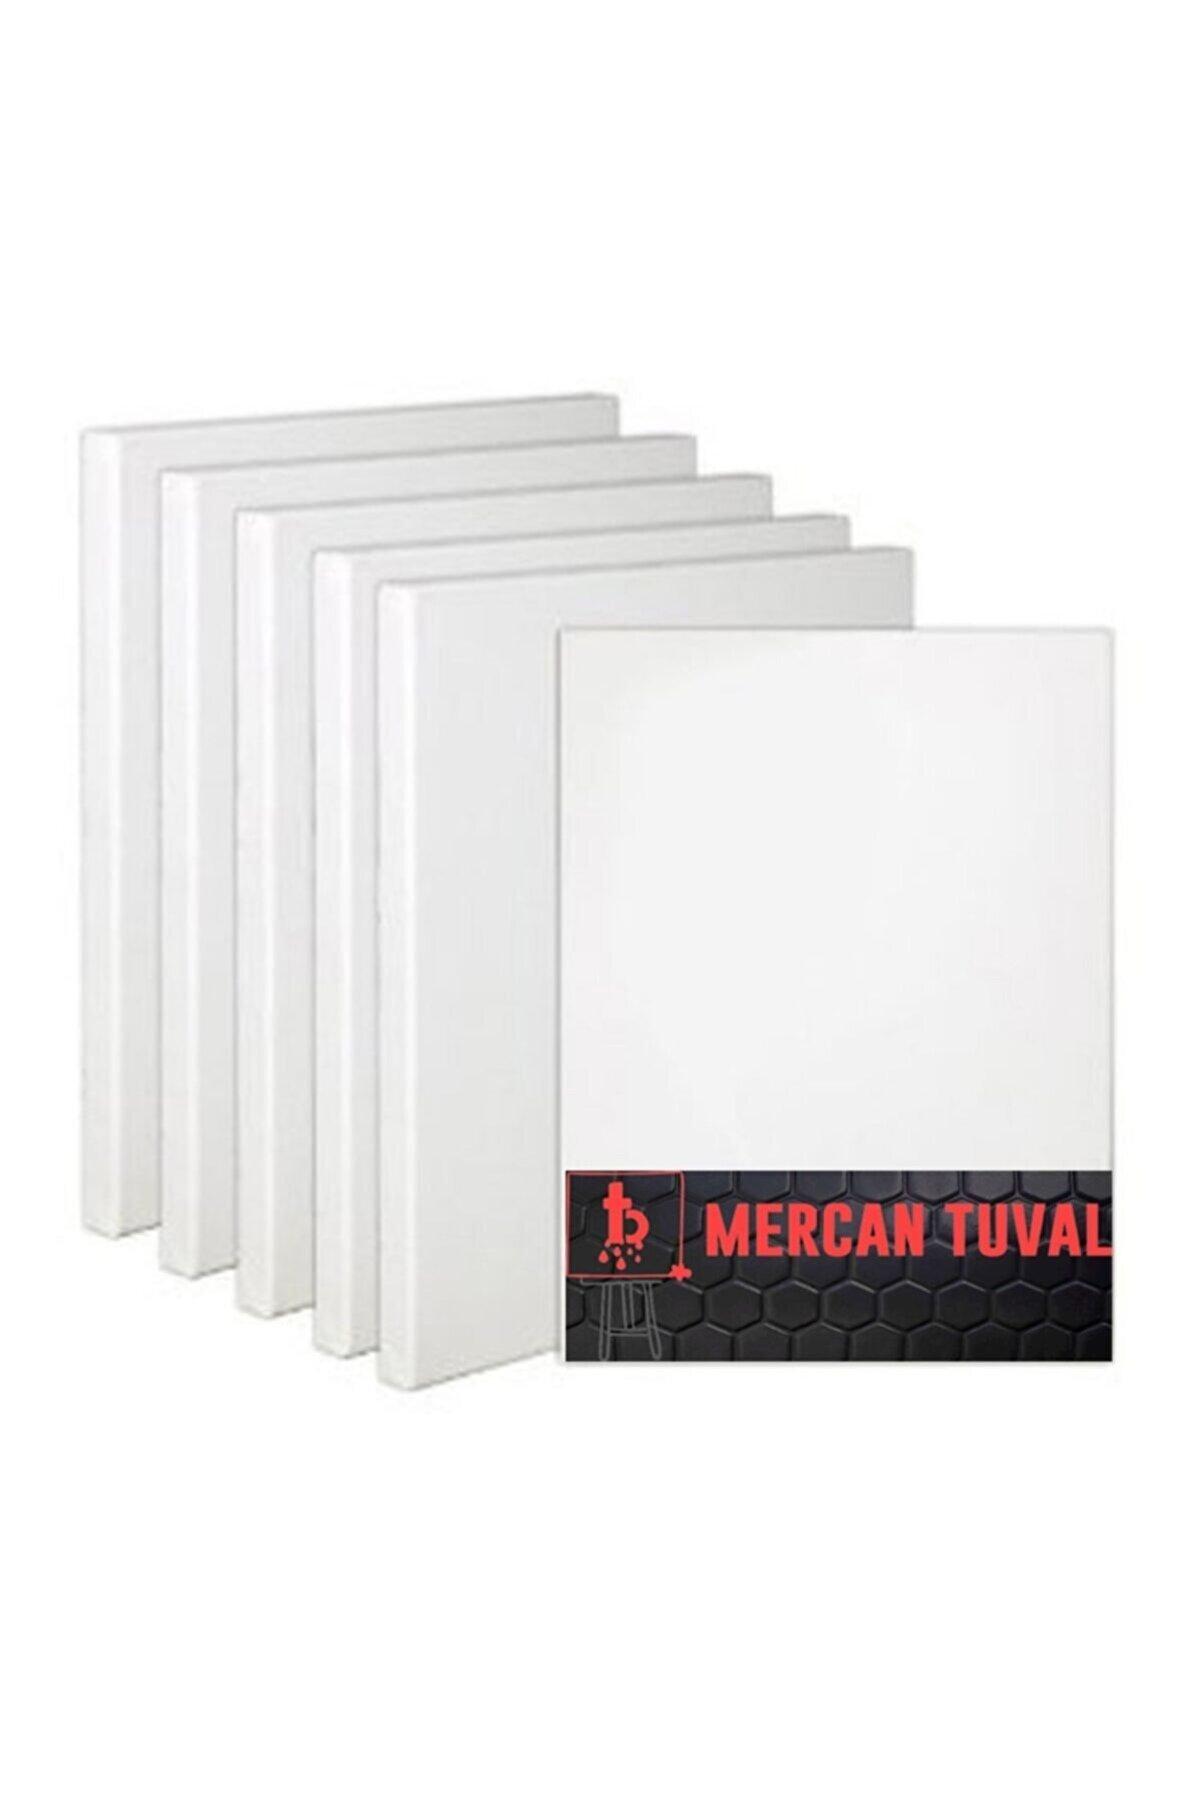 Mercan Tuval 25x35 cm 5'li Paket 25355